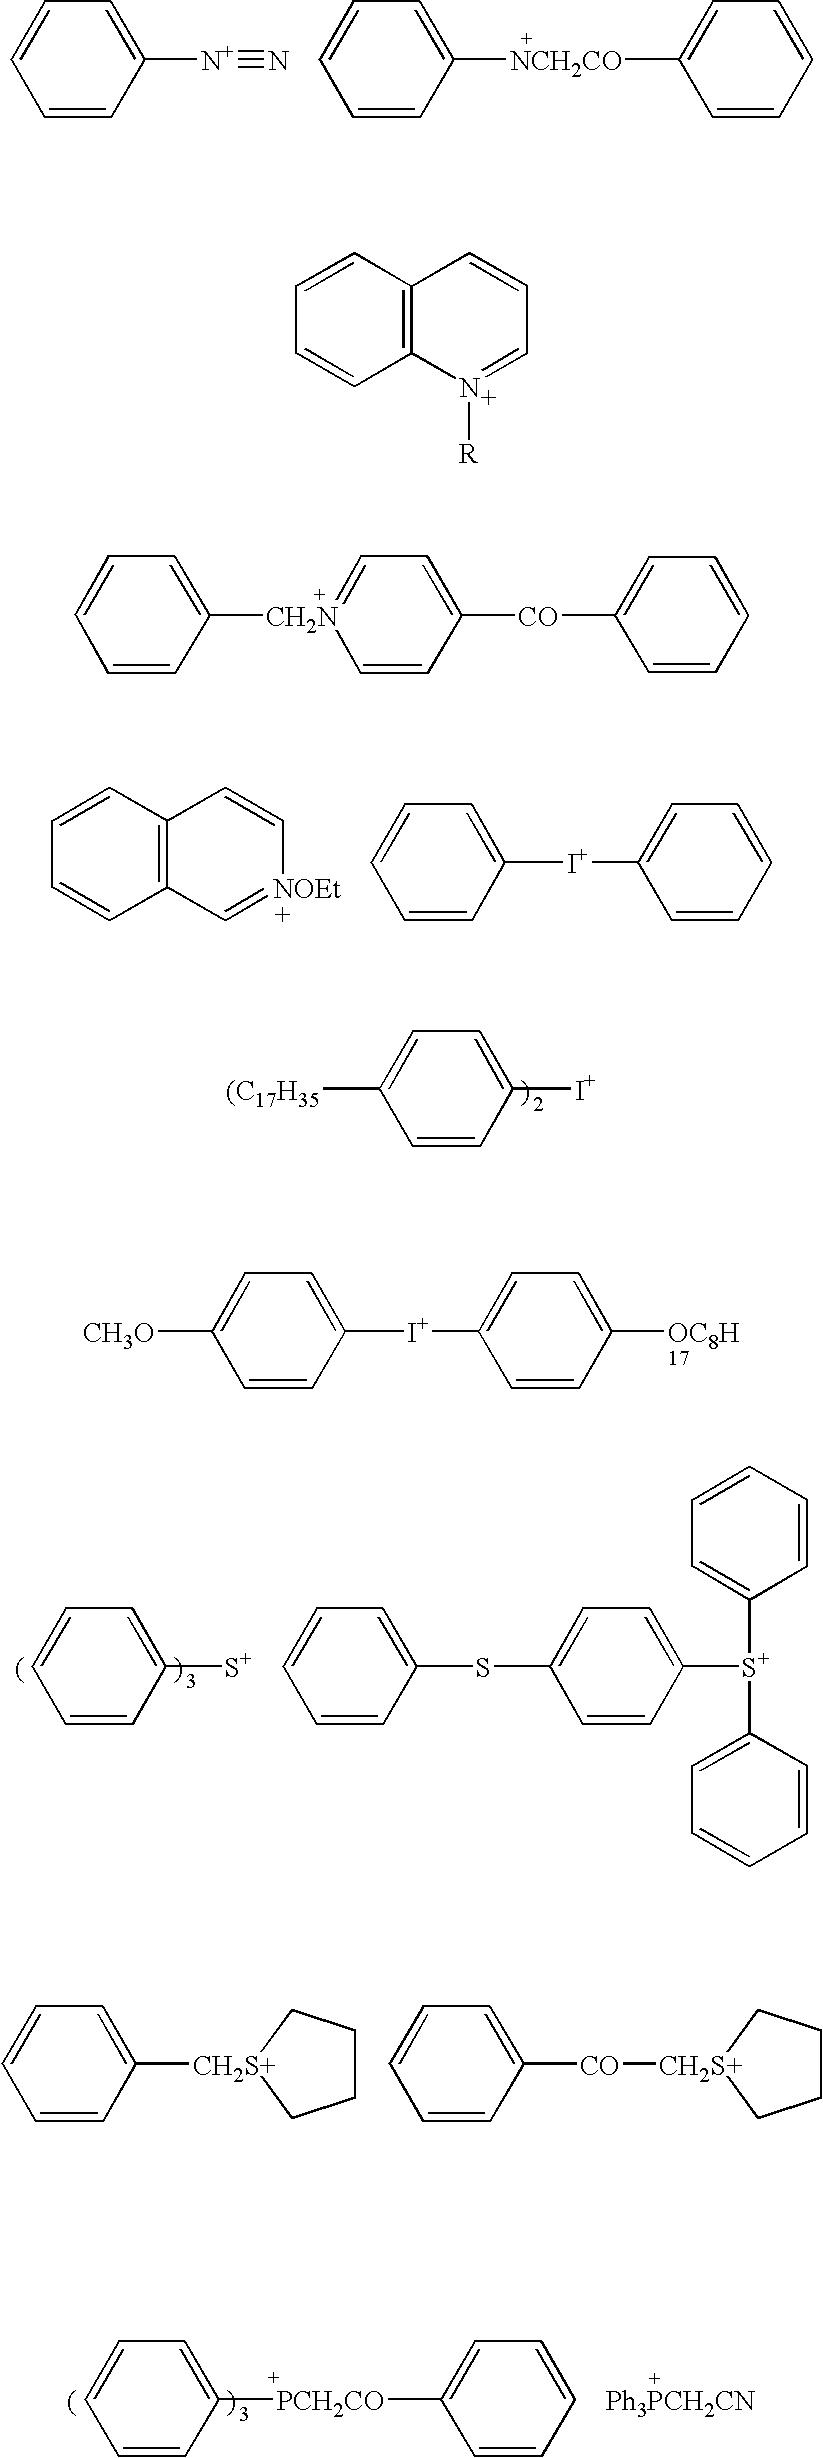 Figure US20040050292A1-20040318-C00036